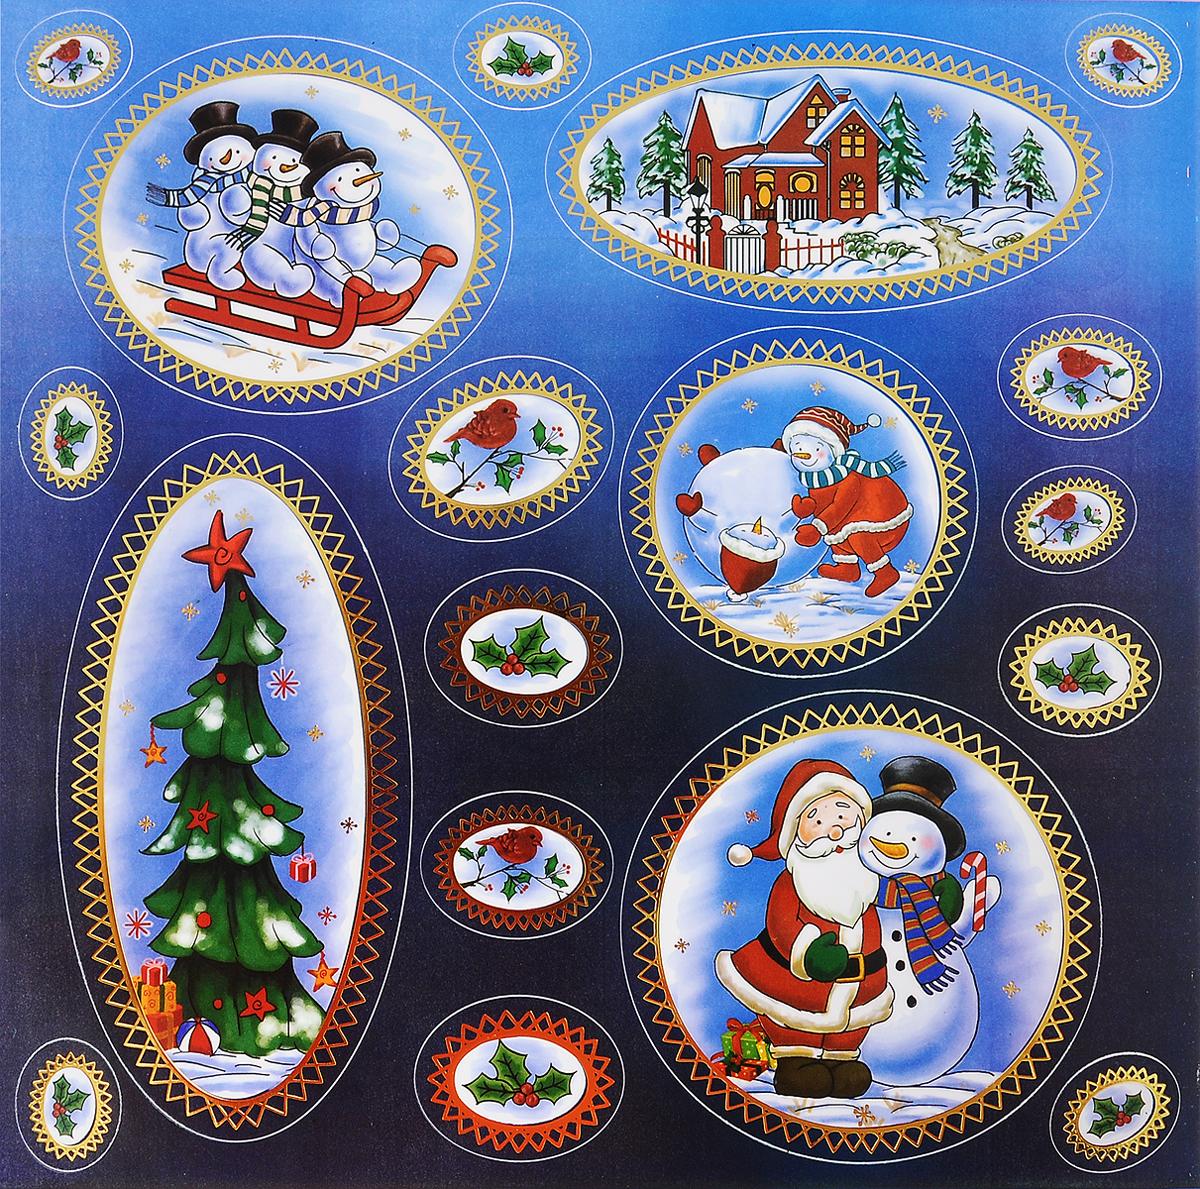 Украшение новогоднее оконное Winter Wings Новогодние мотивы, 18 штN09288Новогоднее оконное украшение Winter Wings Новогодние мотивы поможет украсить дом к предстоящим праздникам. Наклейки изготовлены из ПВХ.С помощью этих украшений вы сможете оживить интерьер по своему вкусу, наклеить их на окно, на зеркало или на дверь.Новогодние украшения всегда несут в себе волшебство и красоту праздника. Создайте в своем доме атмосферу тепла, веселья и радости, украшая его всей семьей. Размер листа: 29,5 х 29 см. Количество наклеек на листе: 18 шт. Размер самой большой наклейки: 8,5 х 17 см. Размер самой маленькой наклейки: 3 х 2,2 см.